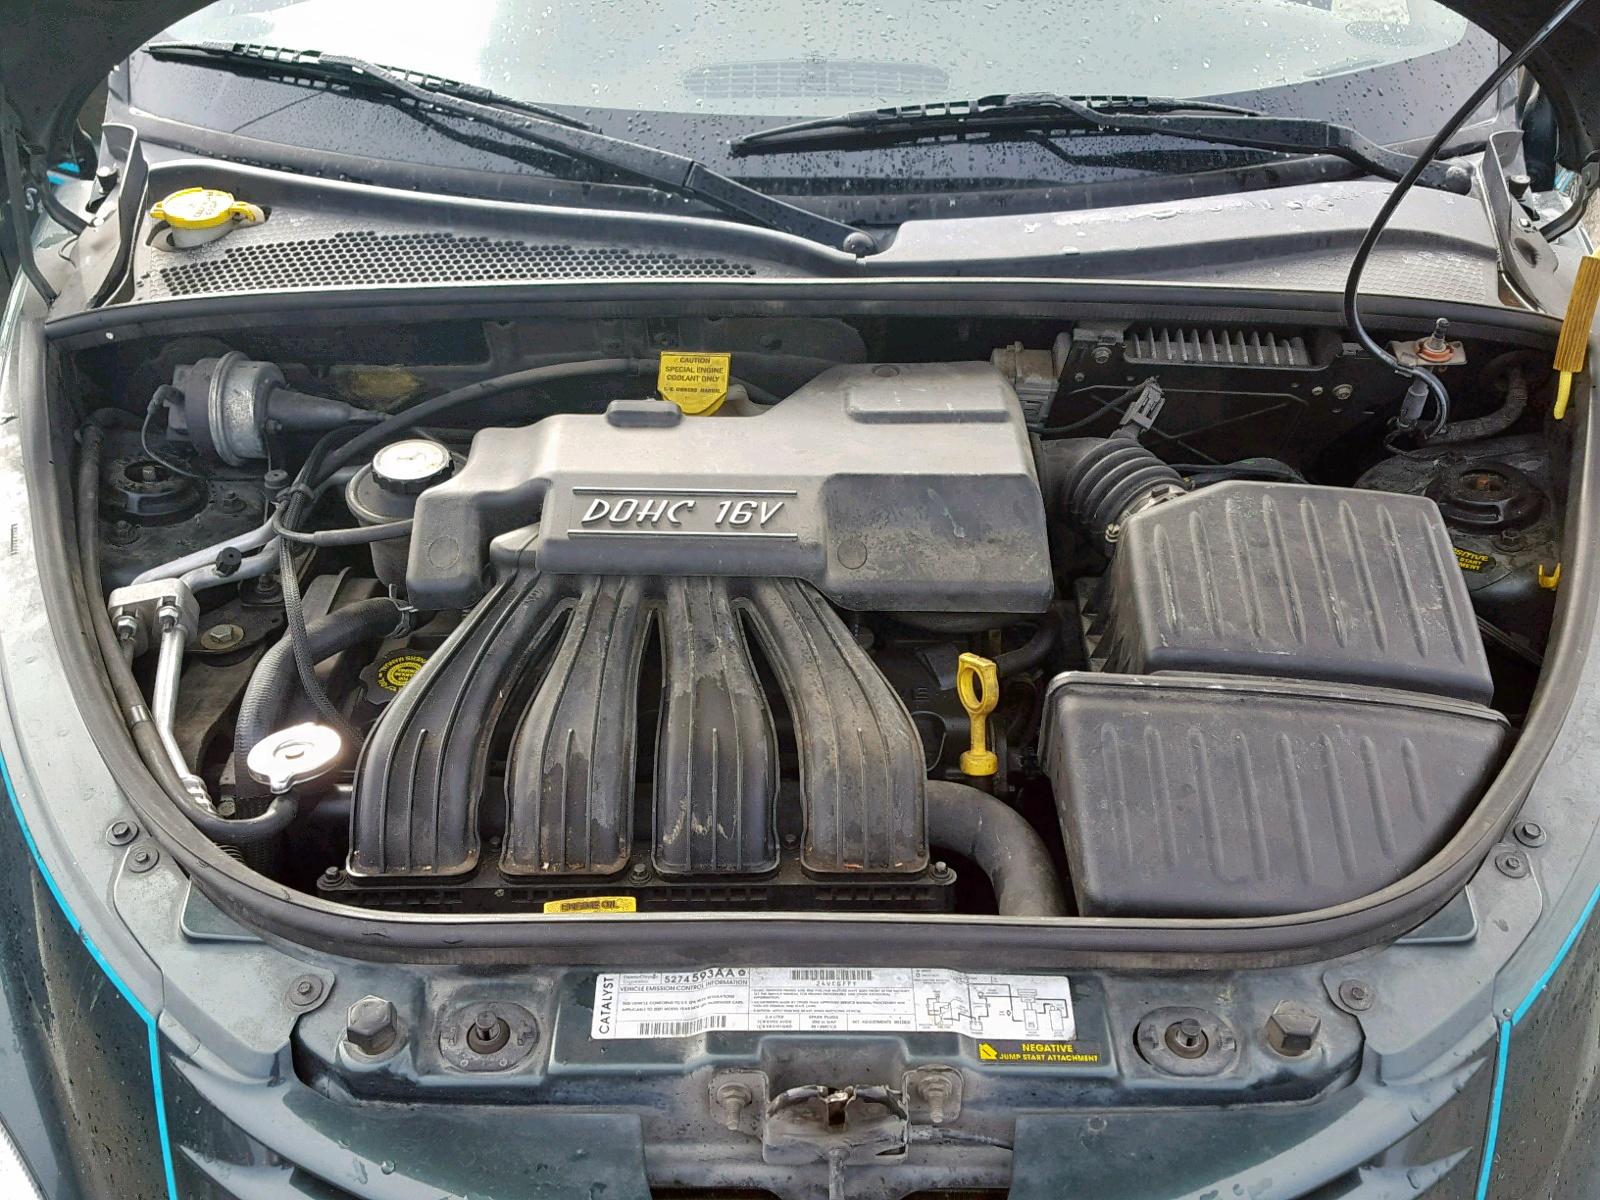 3c8fy4bb11t555227 2001 Chrysler Pt Cruiser 2 4l Inside View